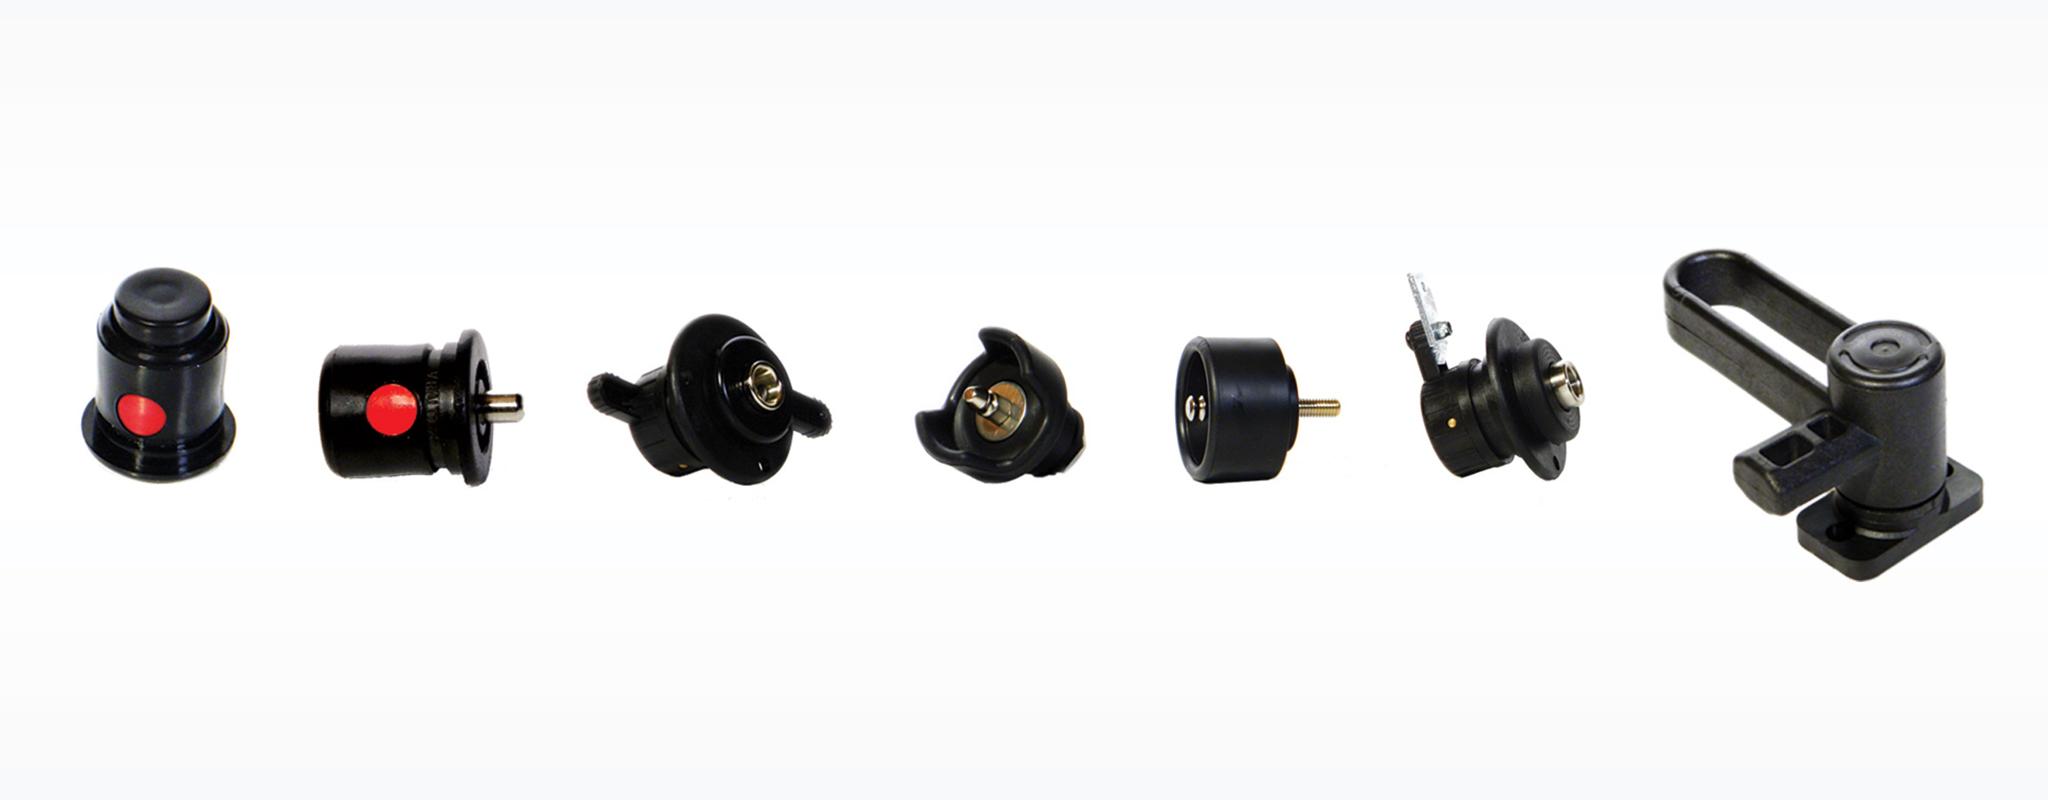 Accessories for motor vehicles - Studio Pasquini Design